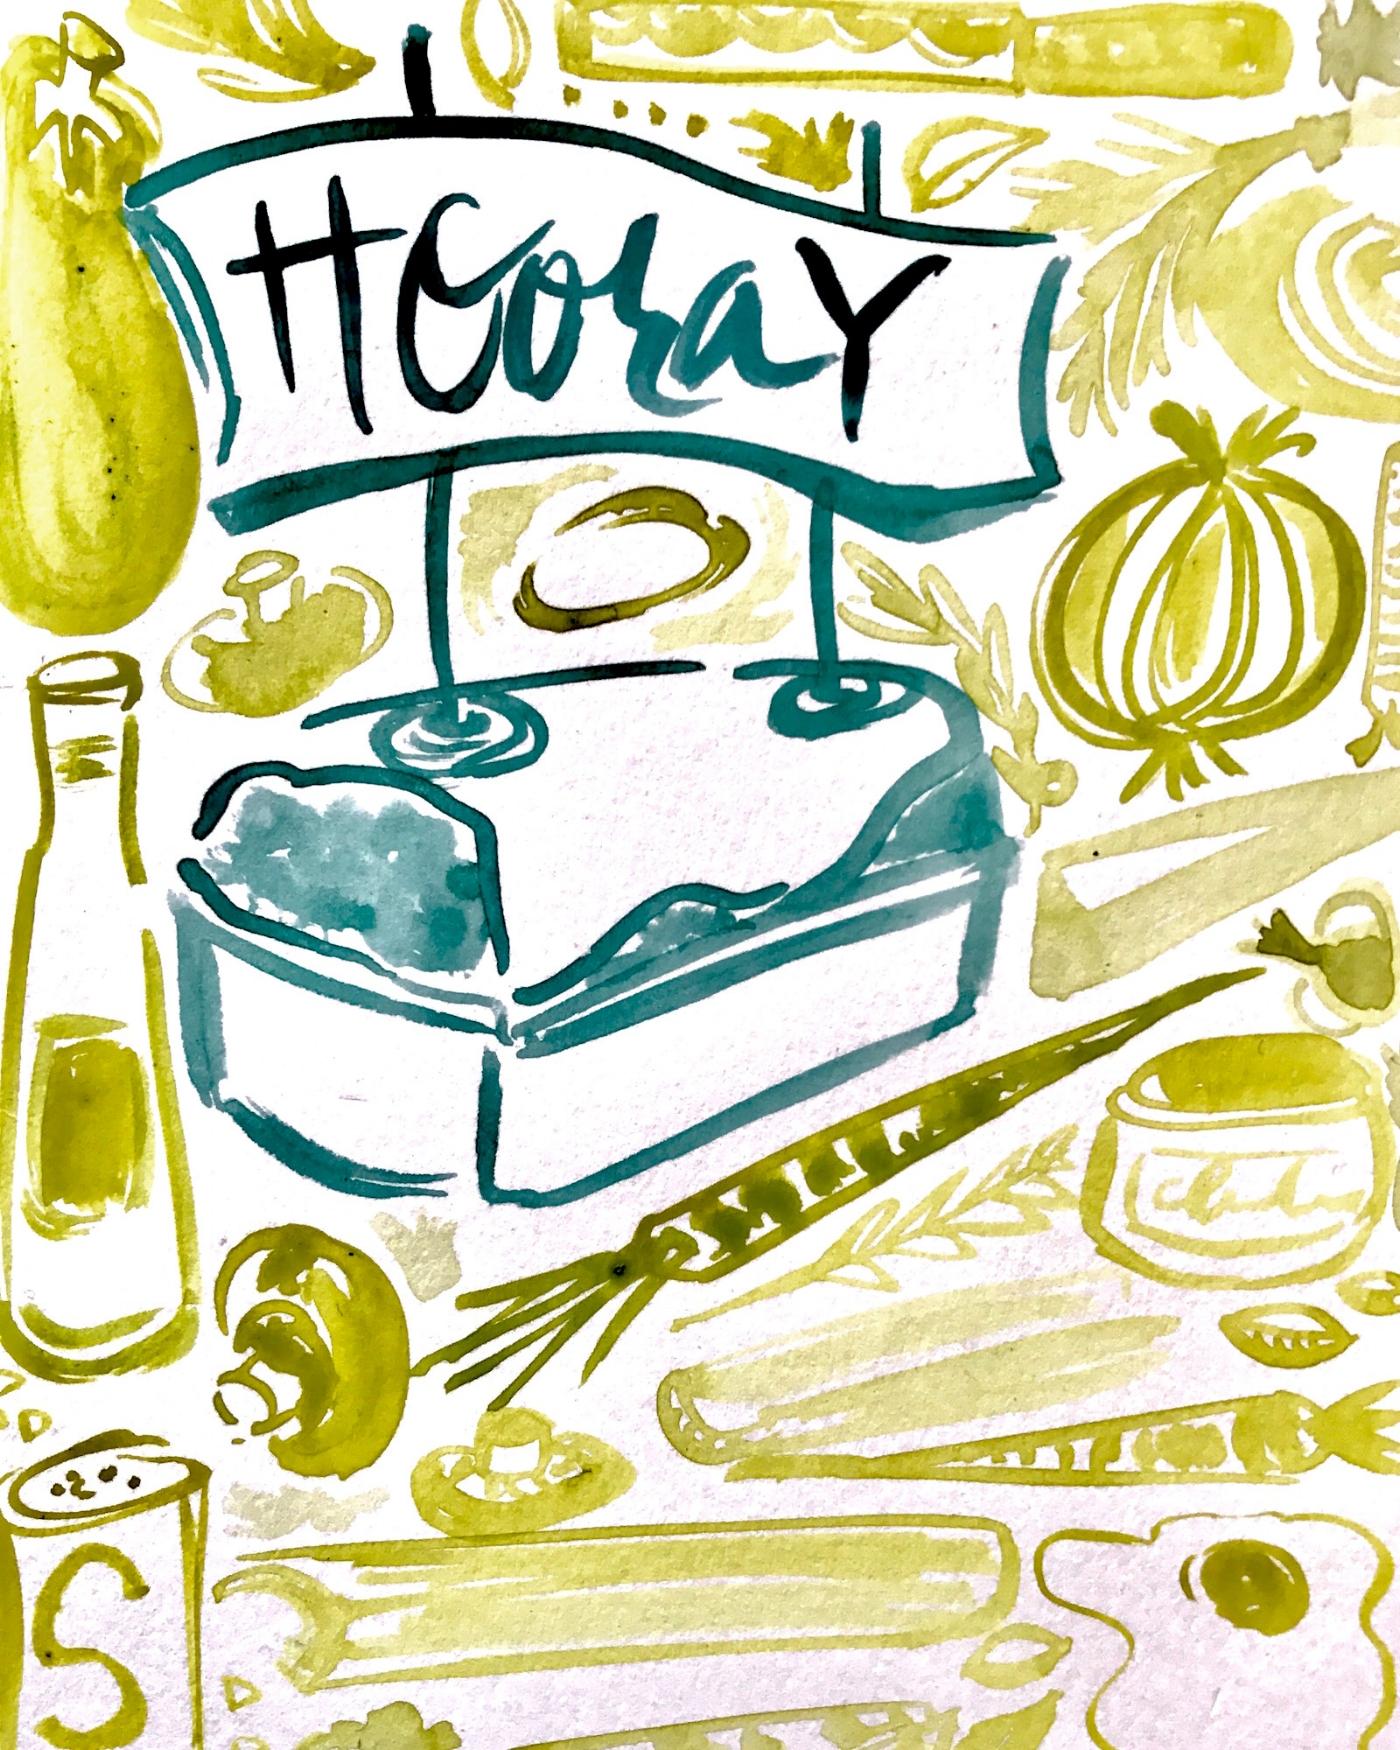 hooray-meatloaf.jpg